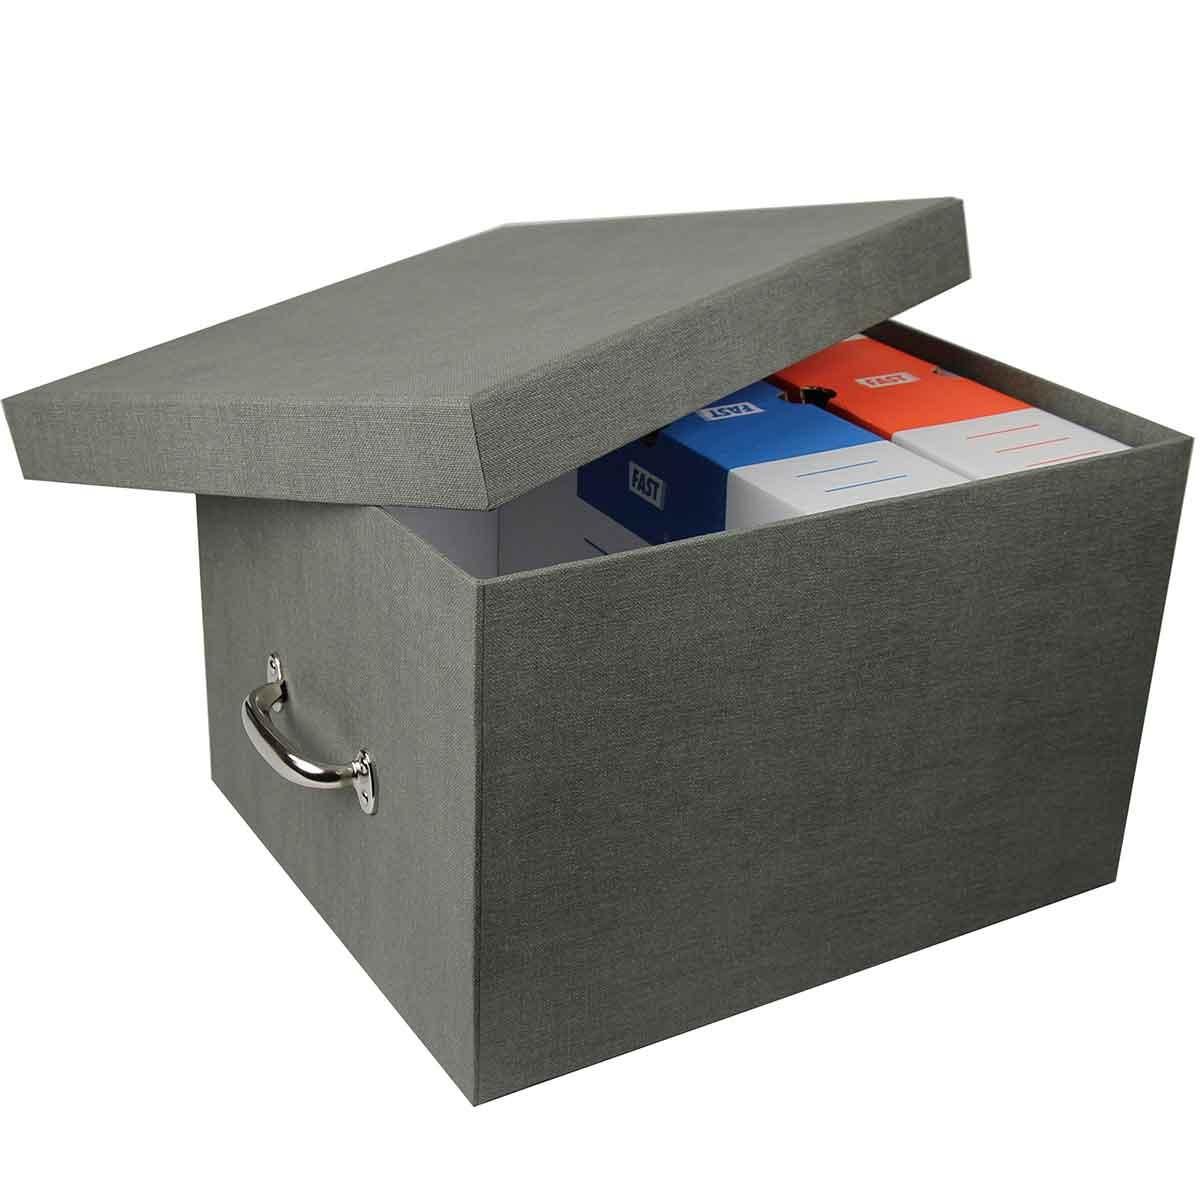 boite rangement dossier free caisse rangement papier destin fjlla rangerevues ikea with boite. Black Bedroom Furniture Sets. Home Design Ideas